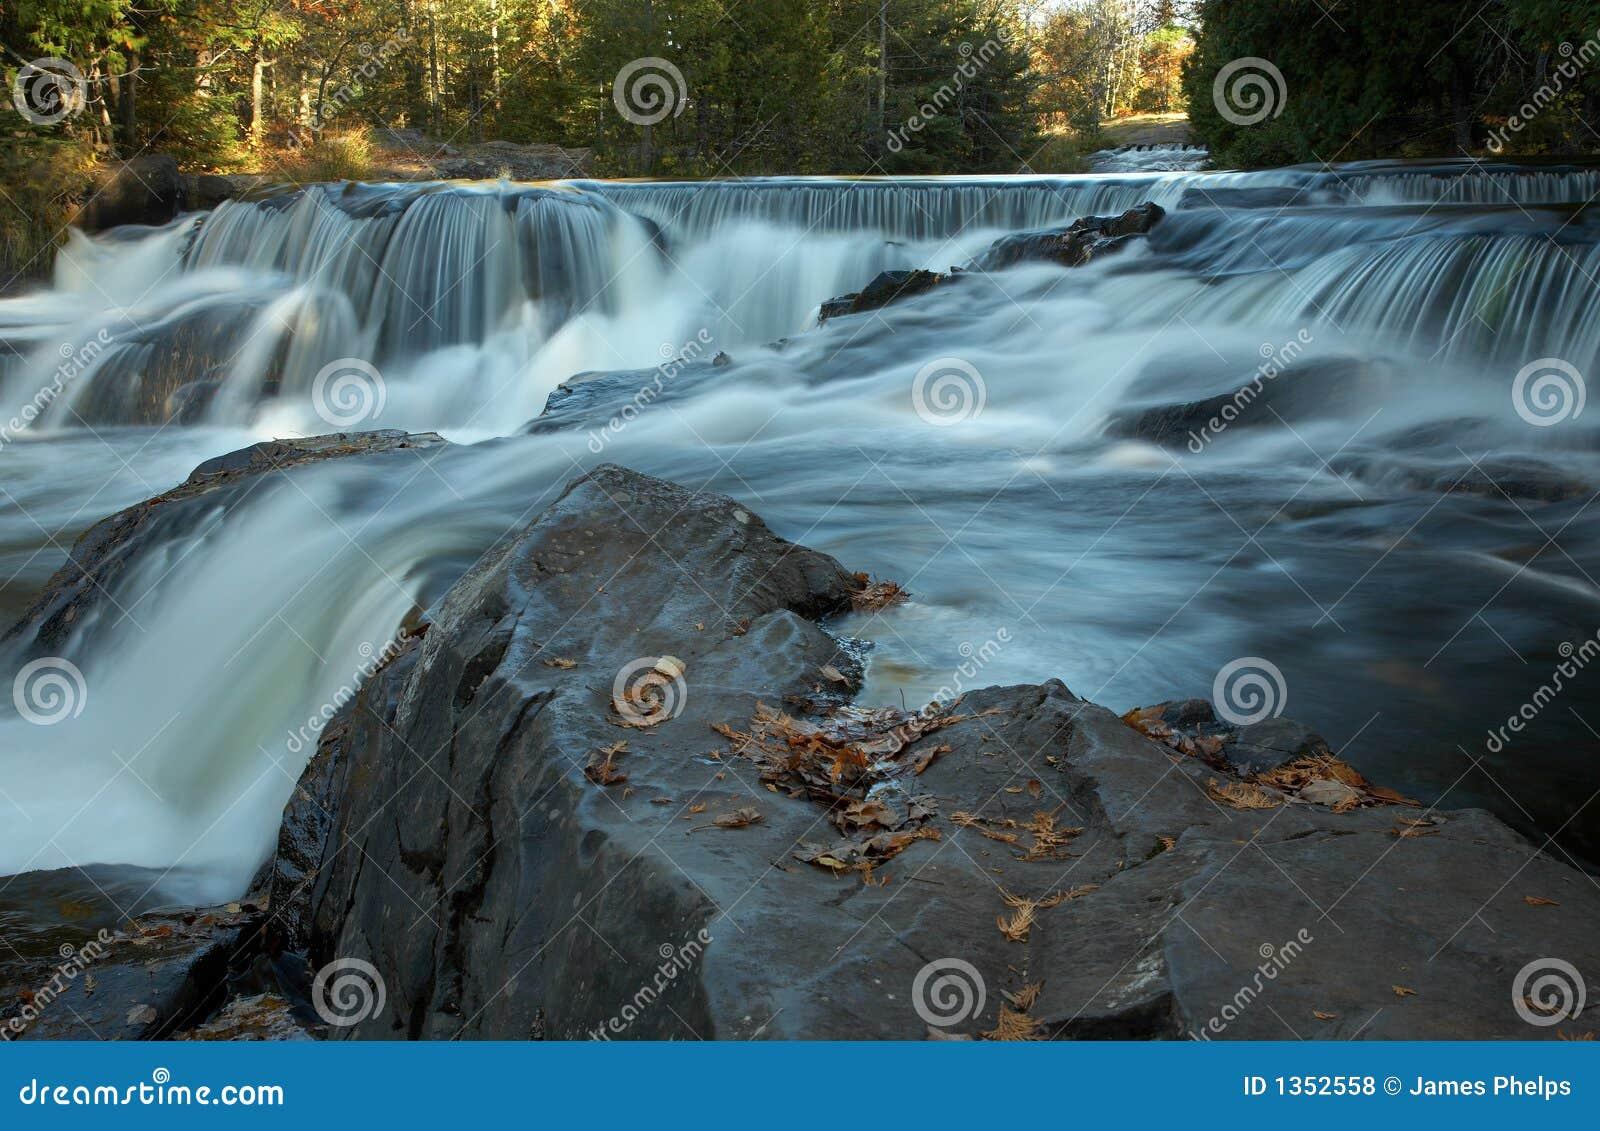 Cachoeiras de conexão em cascata no outono adiantado